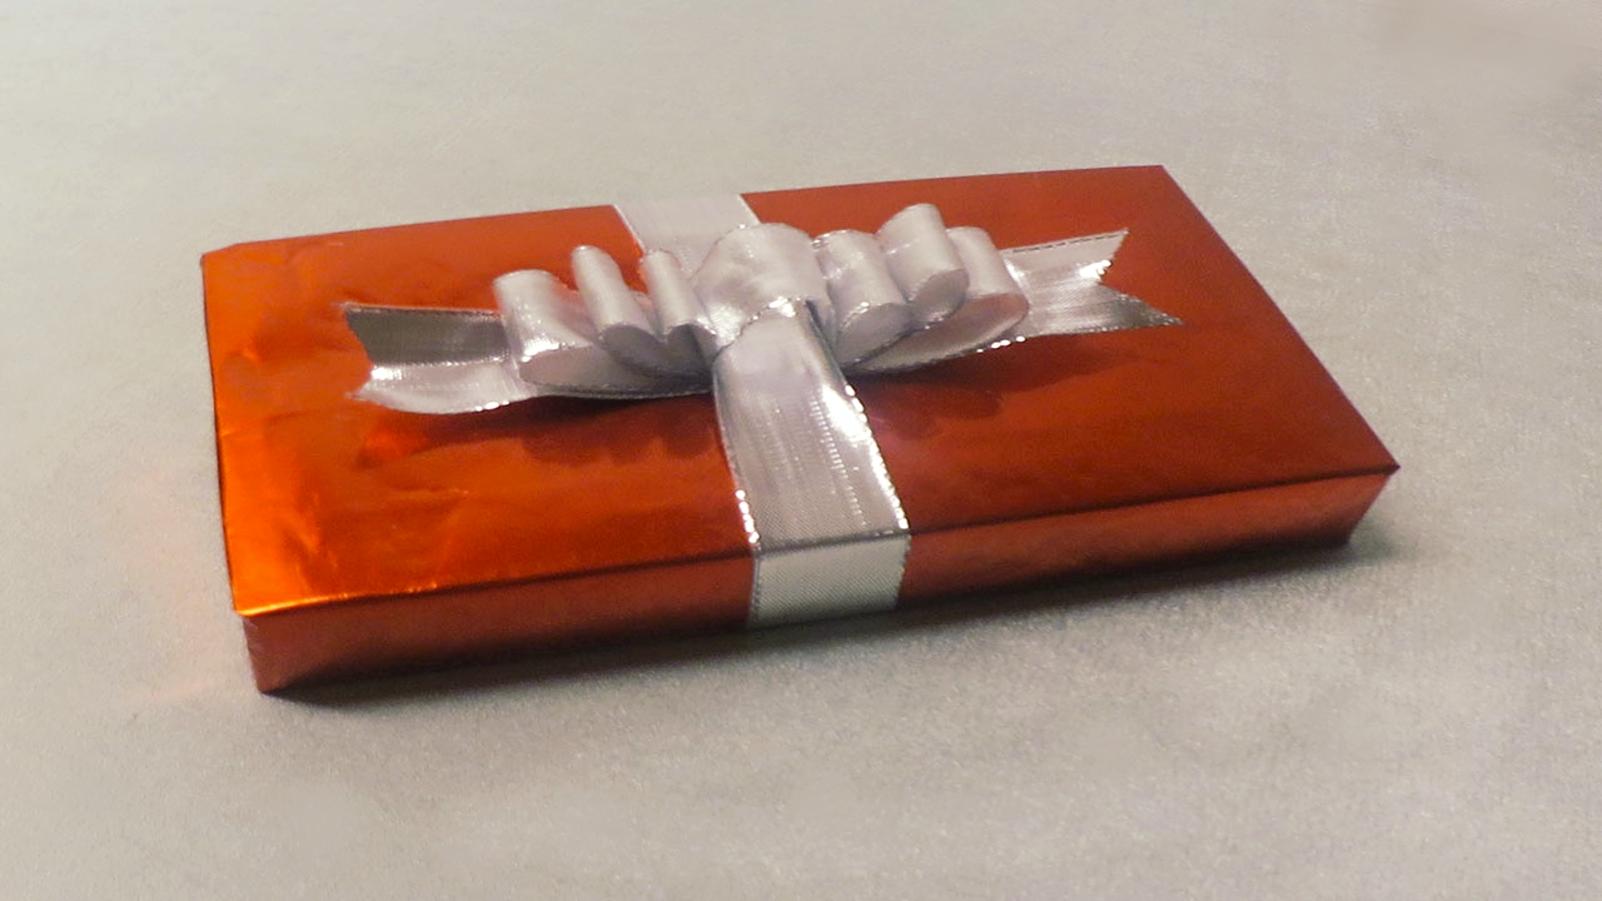 geschenke verpacken weihnachten weihnachtsgeschenke. Black Bedroom Furniture Sets. Home Design Ideas